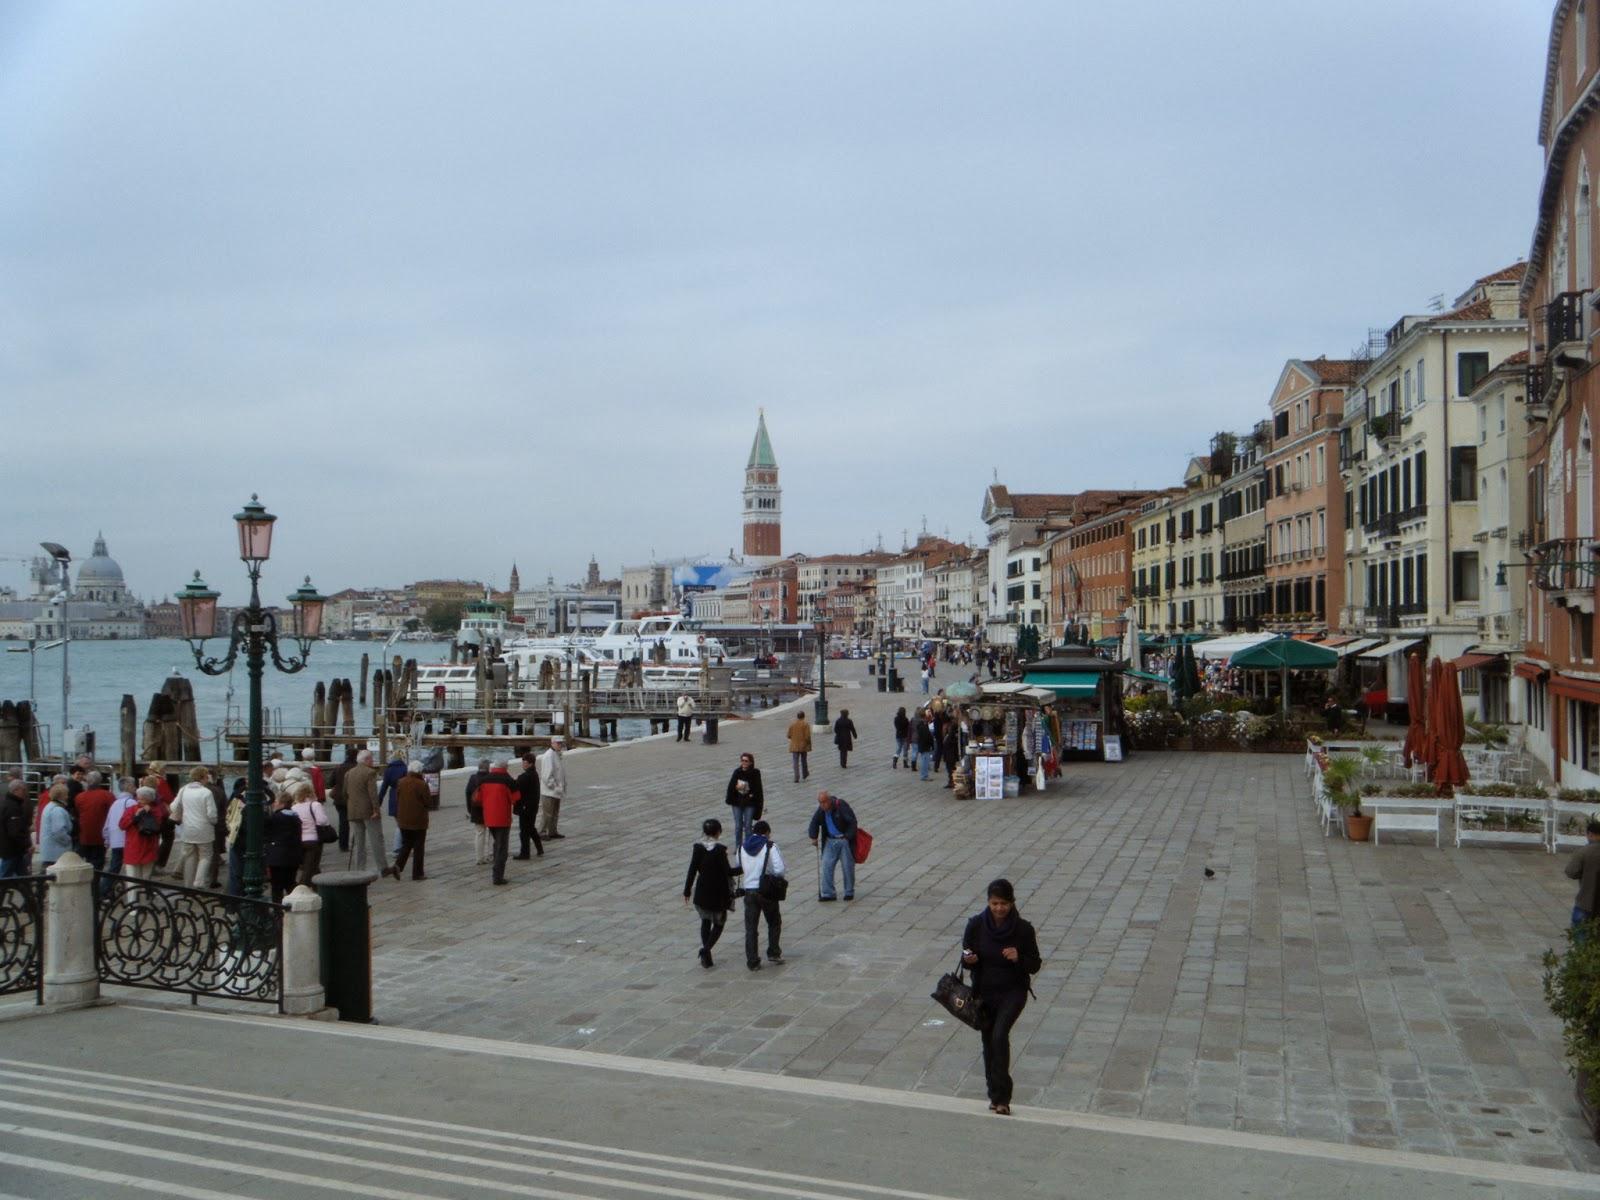 Que voir et visiter à Venise castello ?